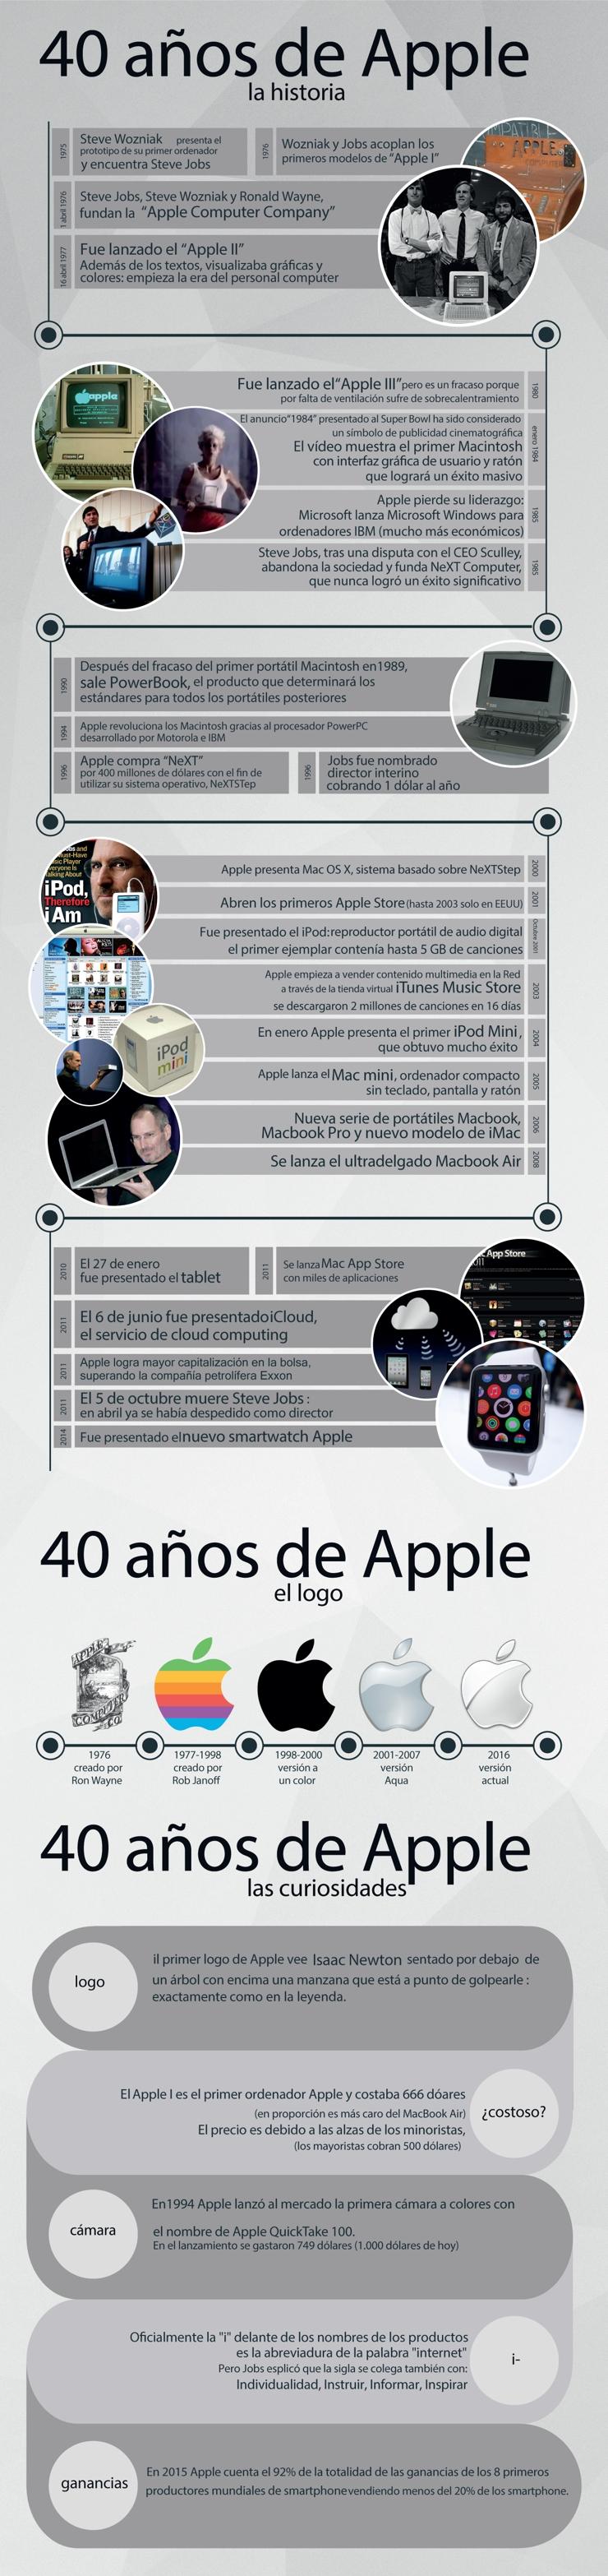 Apple: historia de sus primeros 40 años